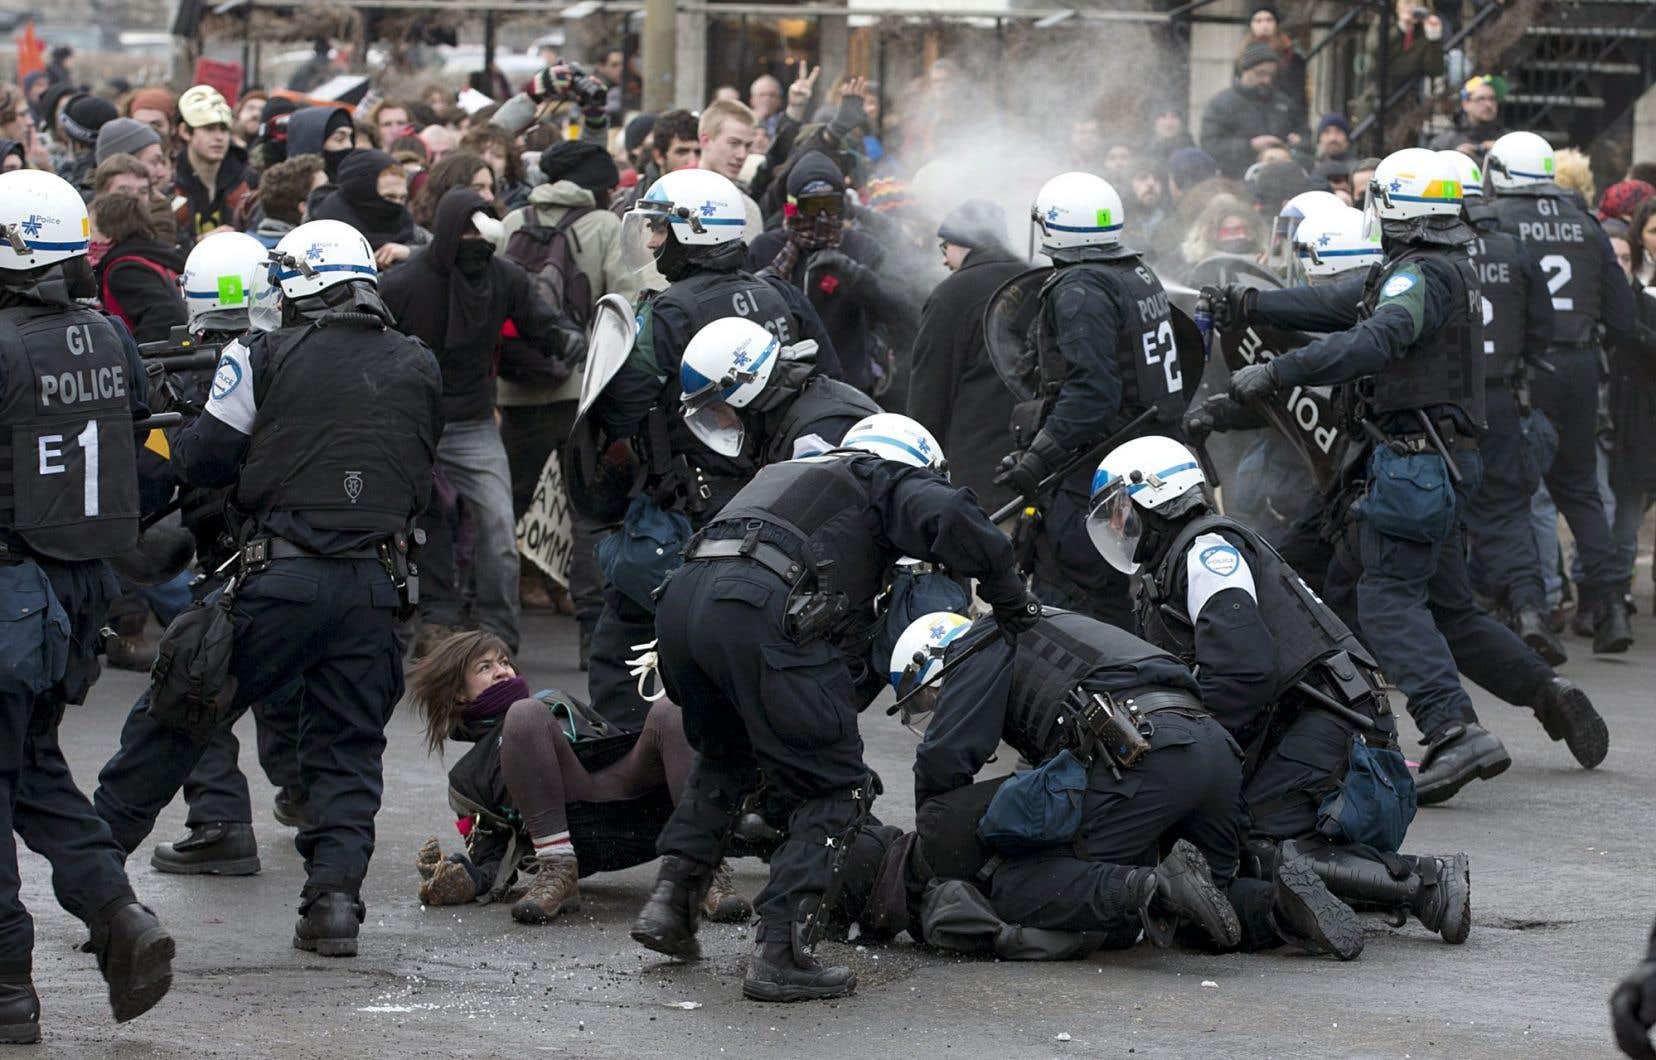 Près de 300 personnes ont été arrêtées le 22 mars 2013 lors de la marche soulignant le premier anniversaire de la manifestation monstre contre la hausse des droits de scolarité.